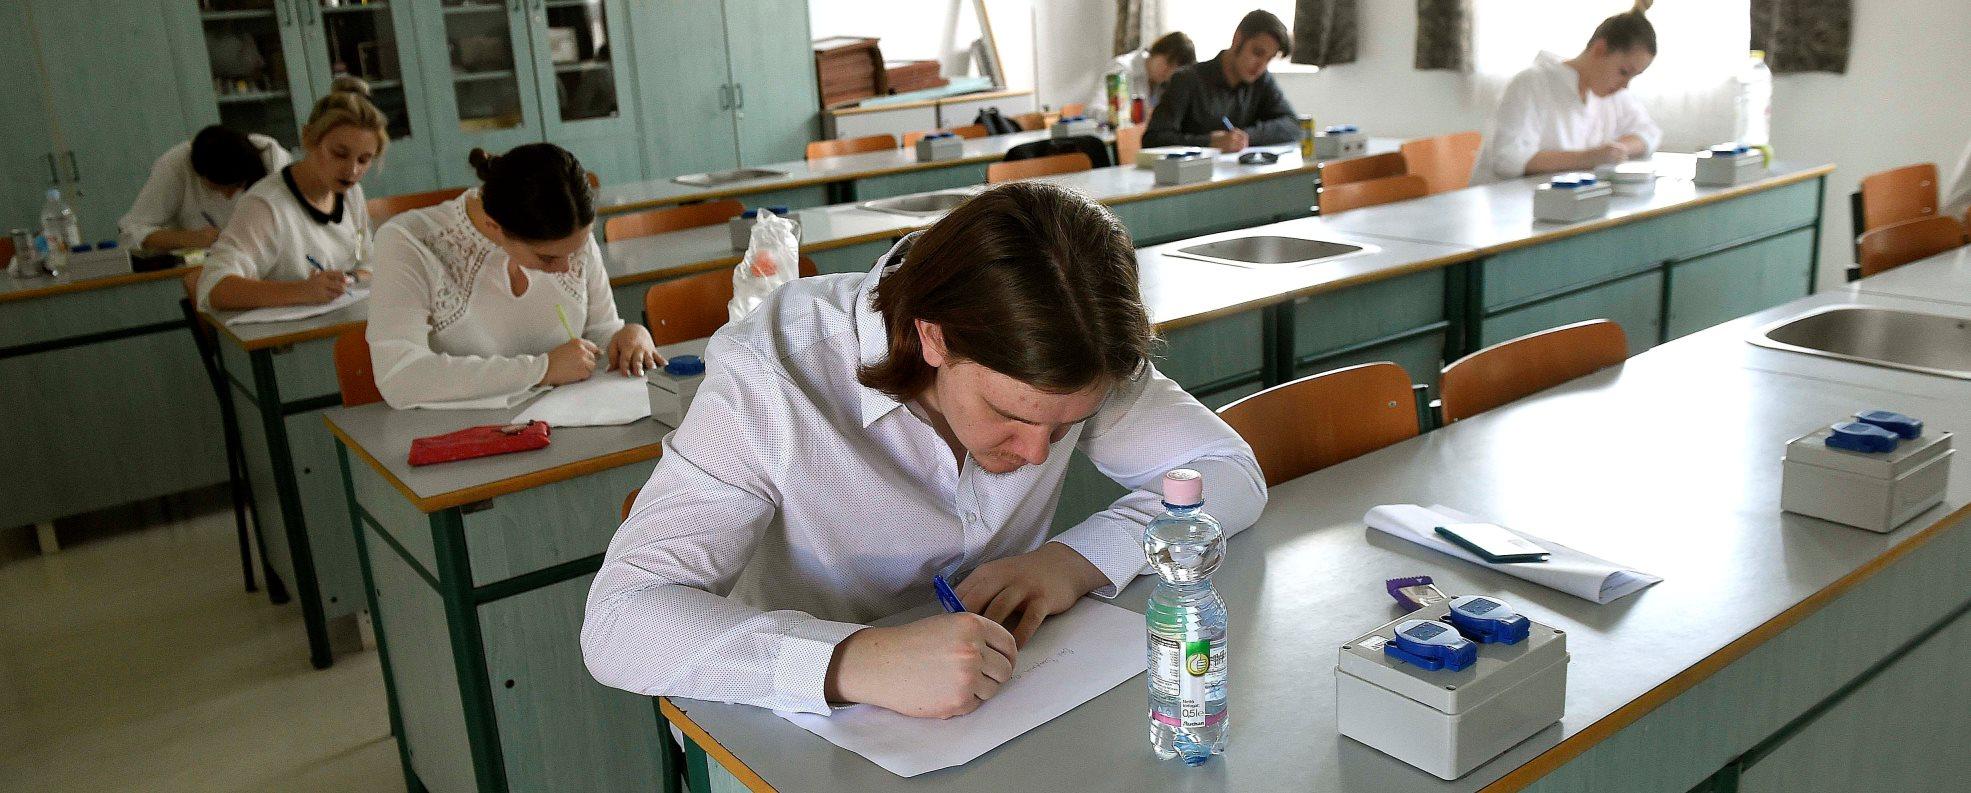 Érettségi - A nemzetiségi írásbelikkel megkezdődtek a vizsgák